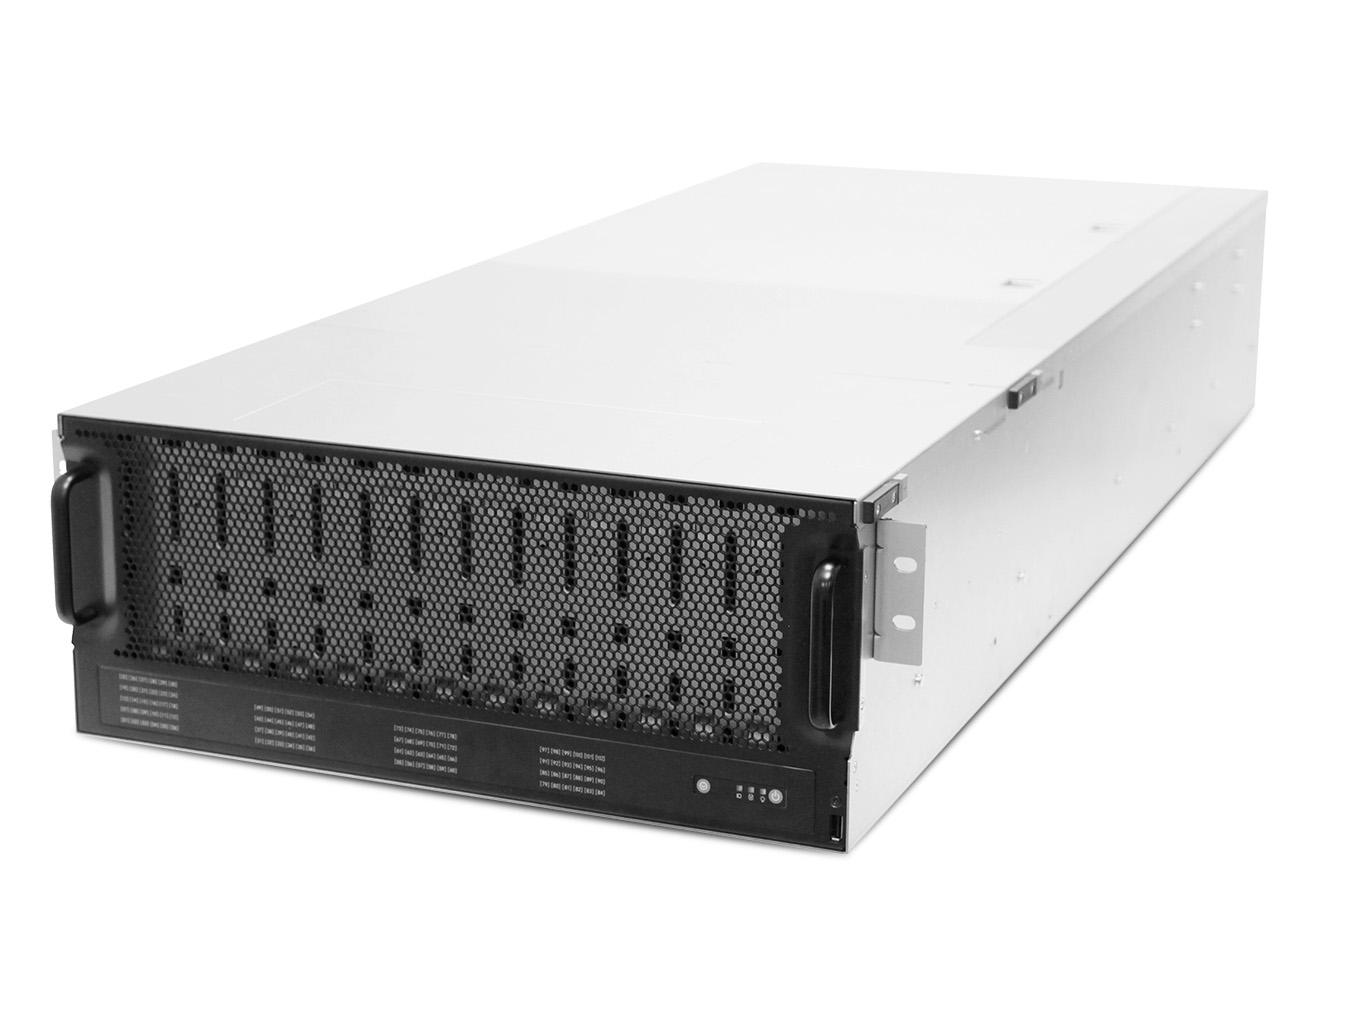 4U 102 3.5inch bays Storage Server v2